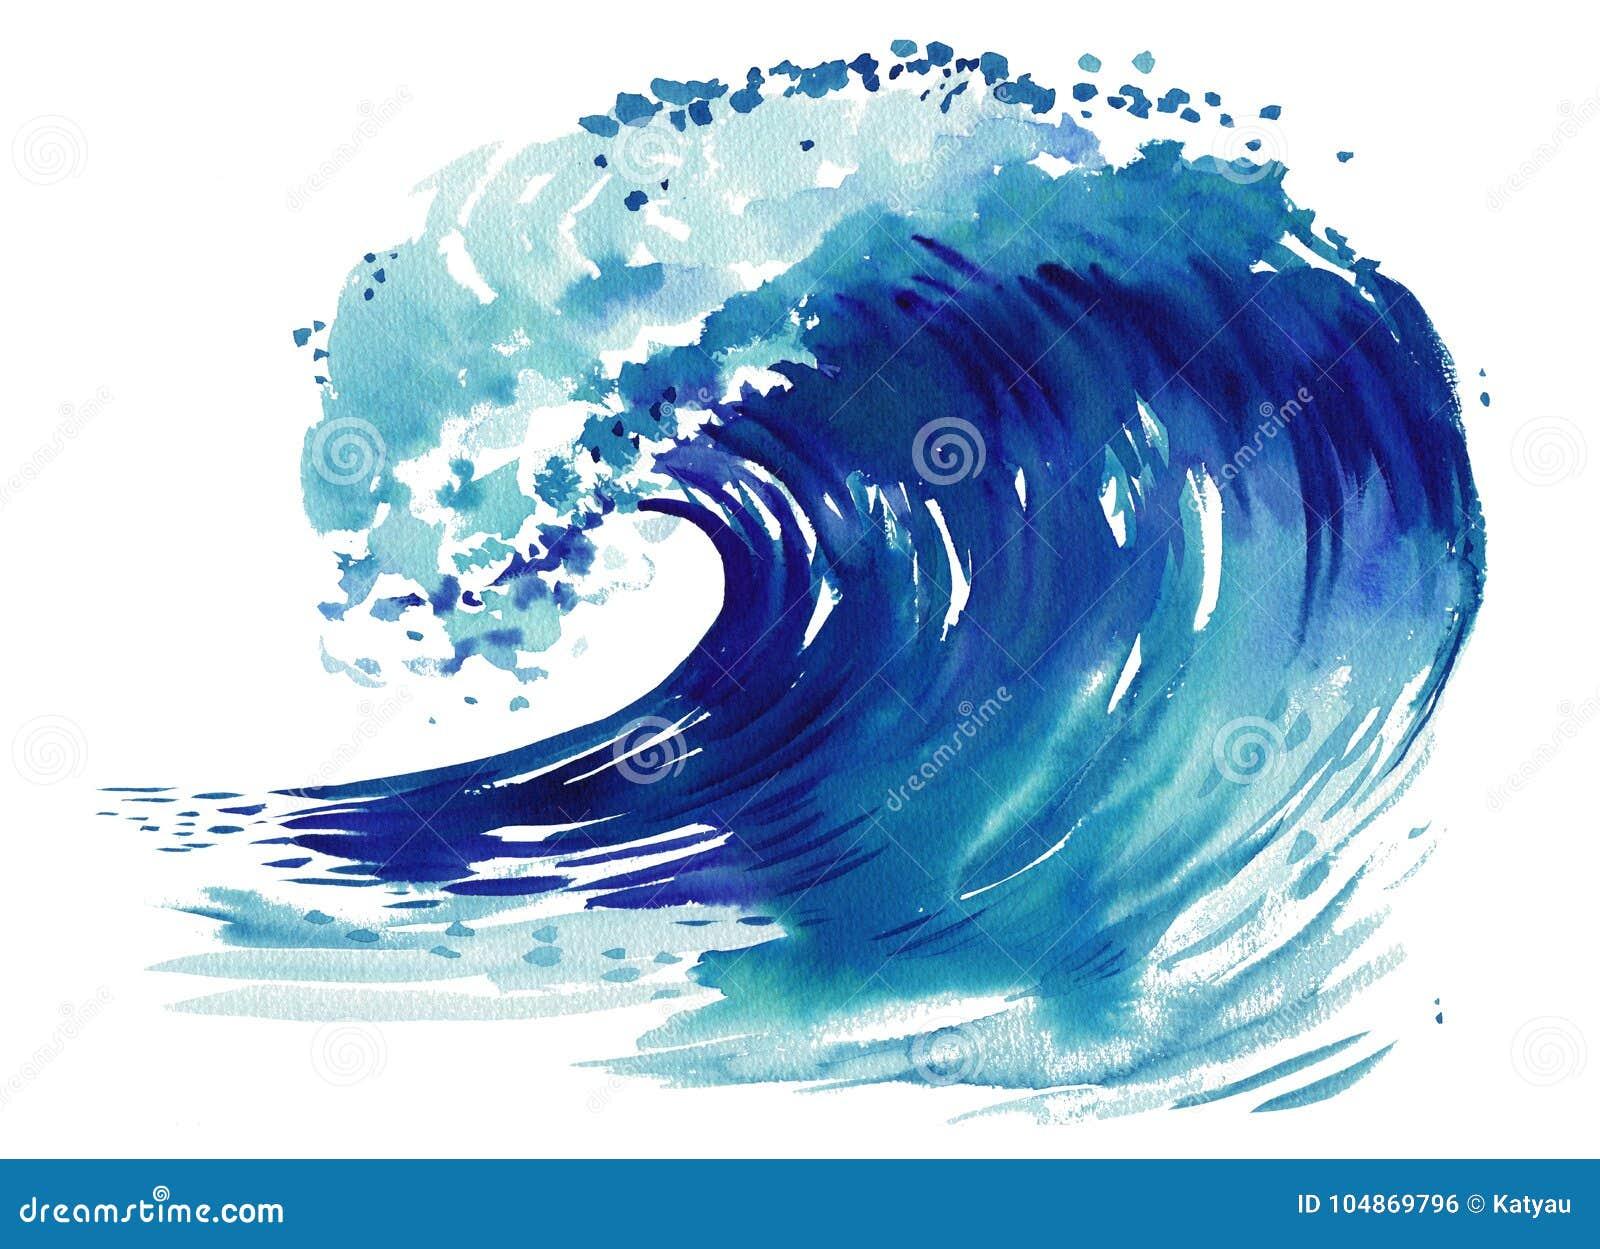 失败大浪通知 抽象水彩手拉的例证,隔绝在白色背景